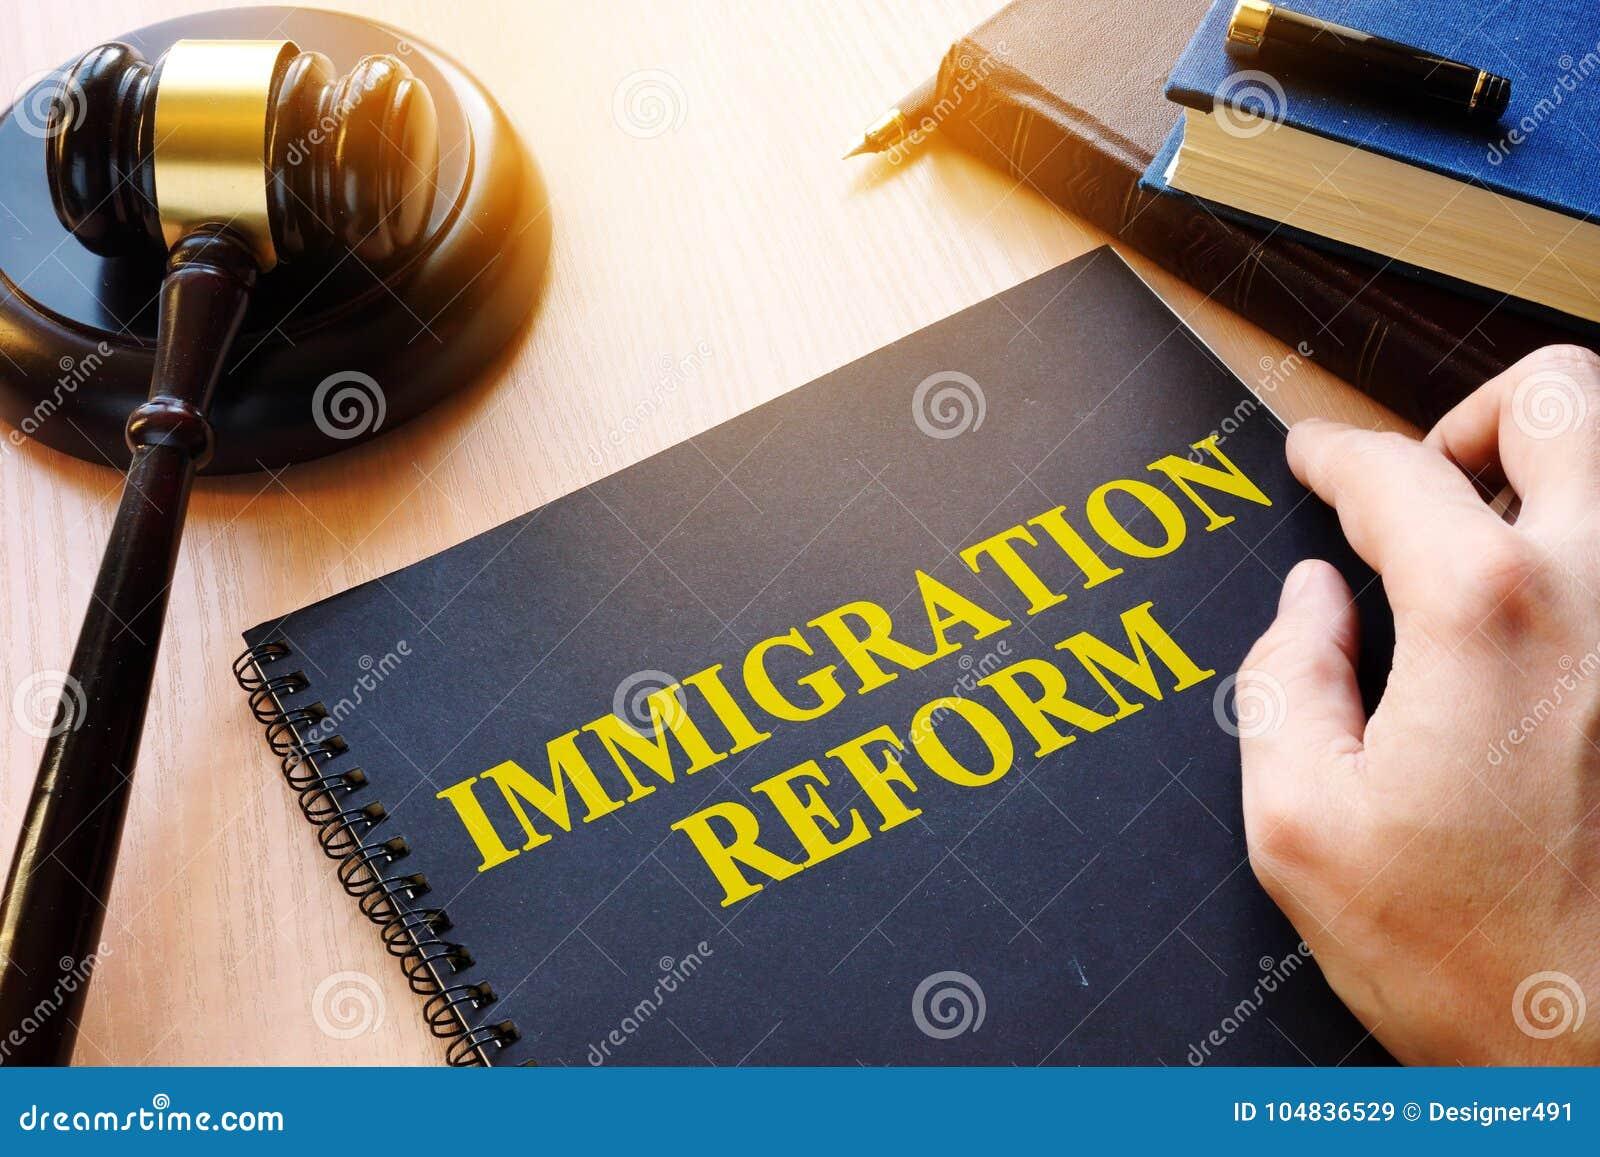 Иммиграционная реформа и молоток на столе